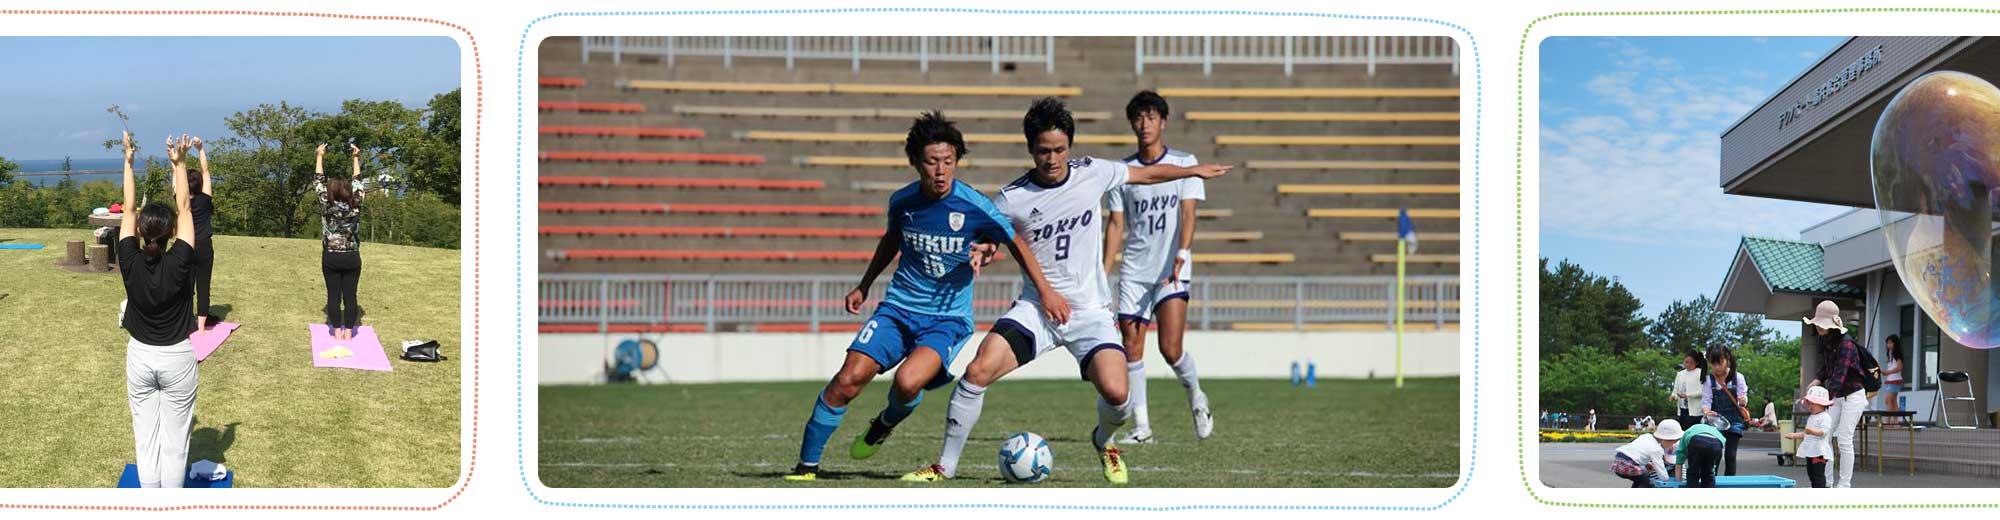 テクノポート福井総合公園のスタジアムでサッカー